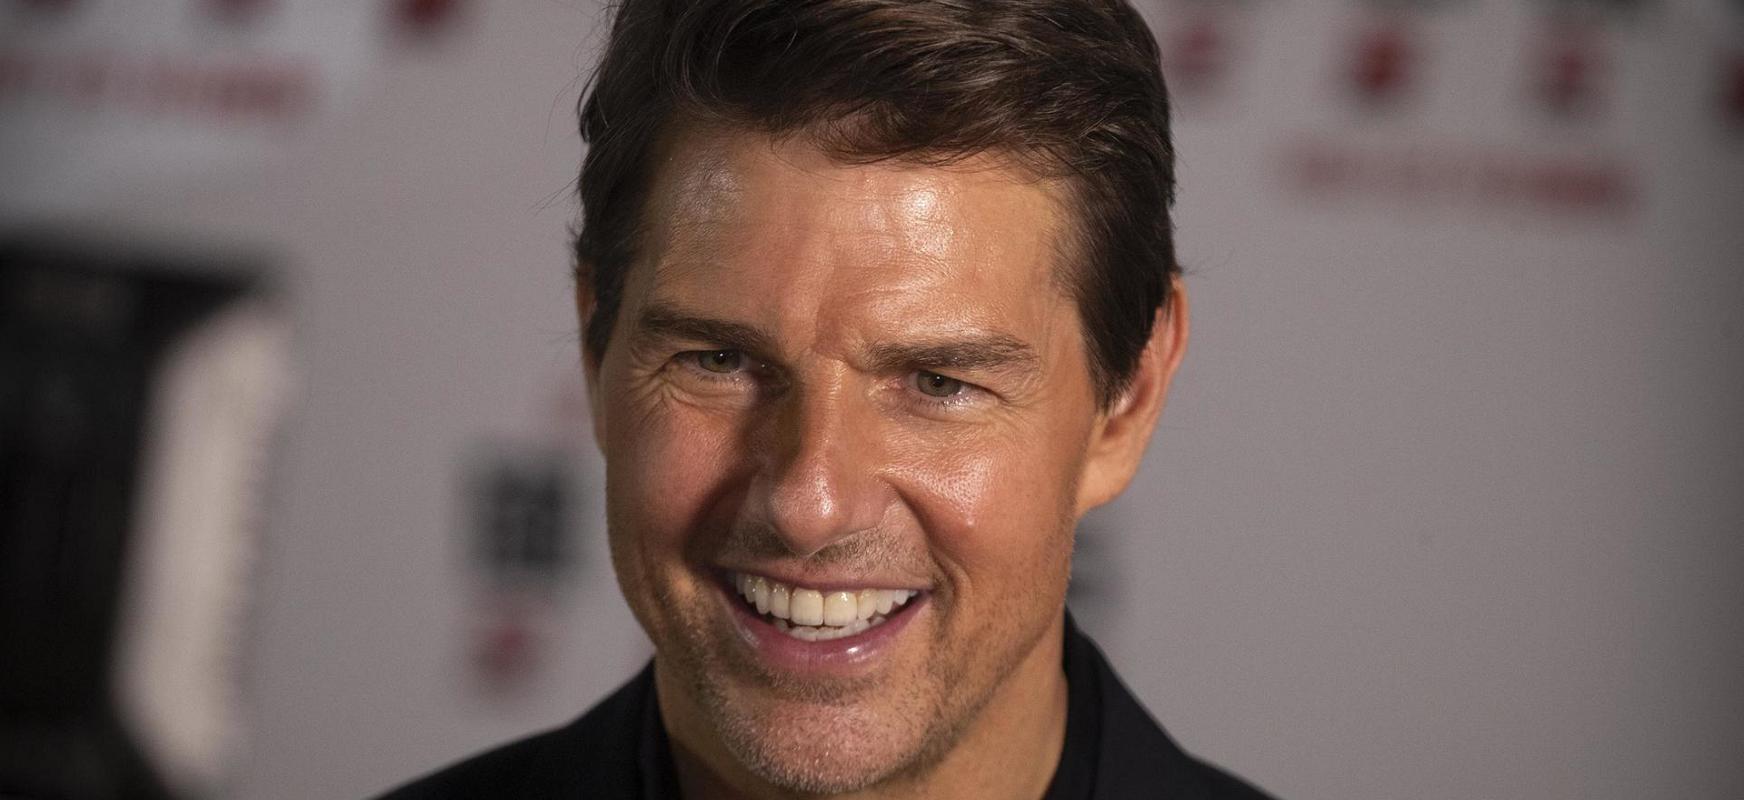 Tom Cruise espaziora hegan egingo du.  Nazioarteko Espazio Estazioan itsasontzian film bat egingo du